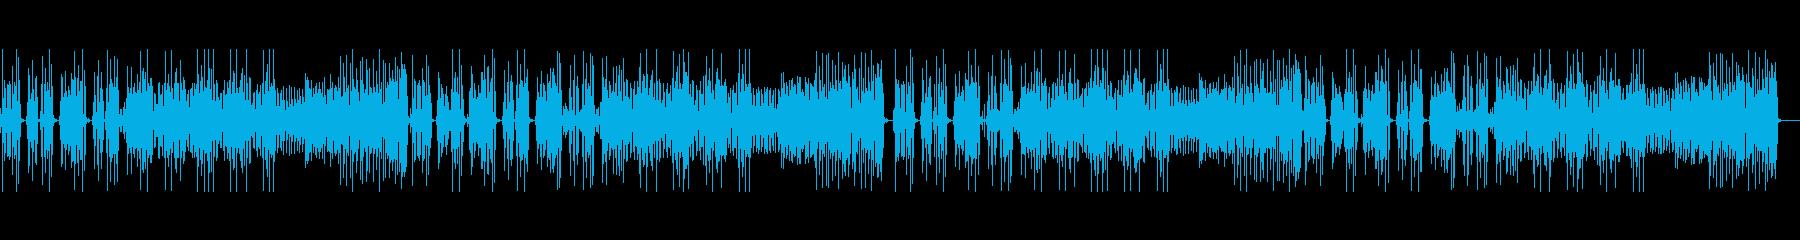 トーク・クールで少しやんちゃなファンクの再生済みの波形